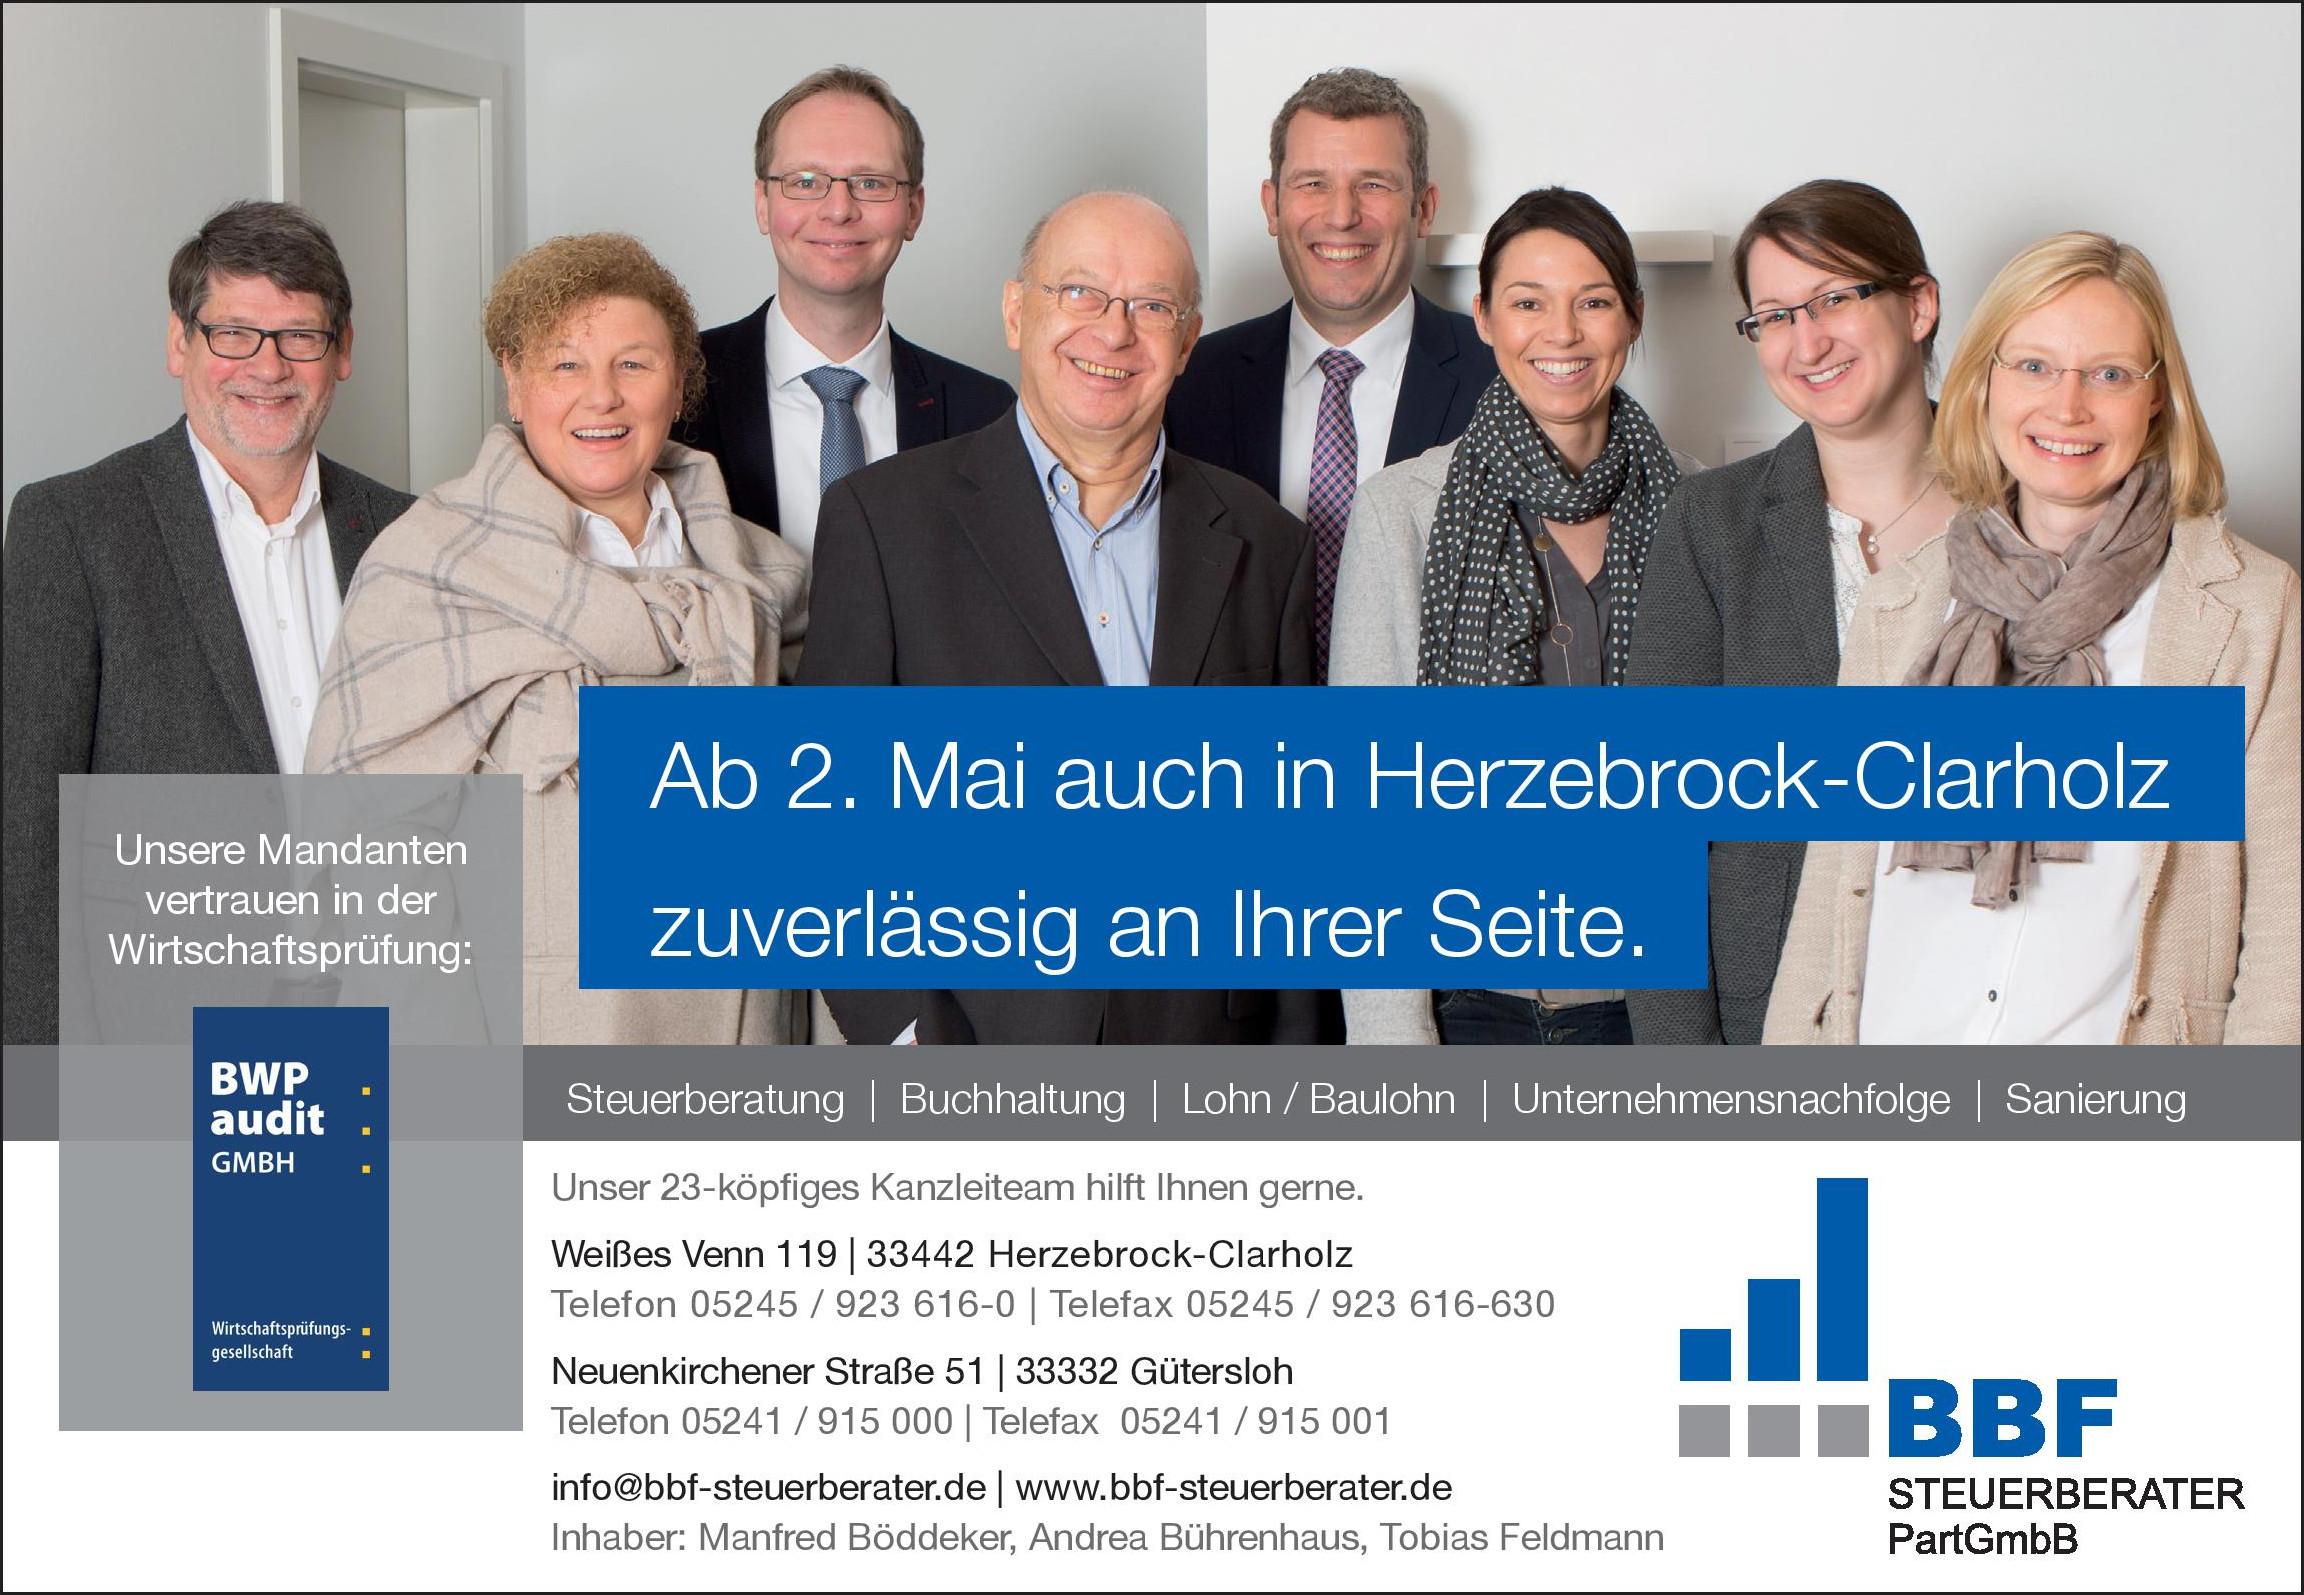 Boeddeker_und_Buehrenhaus